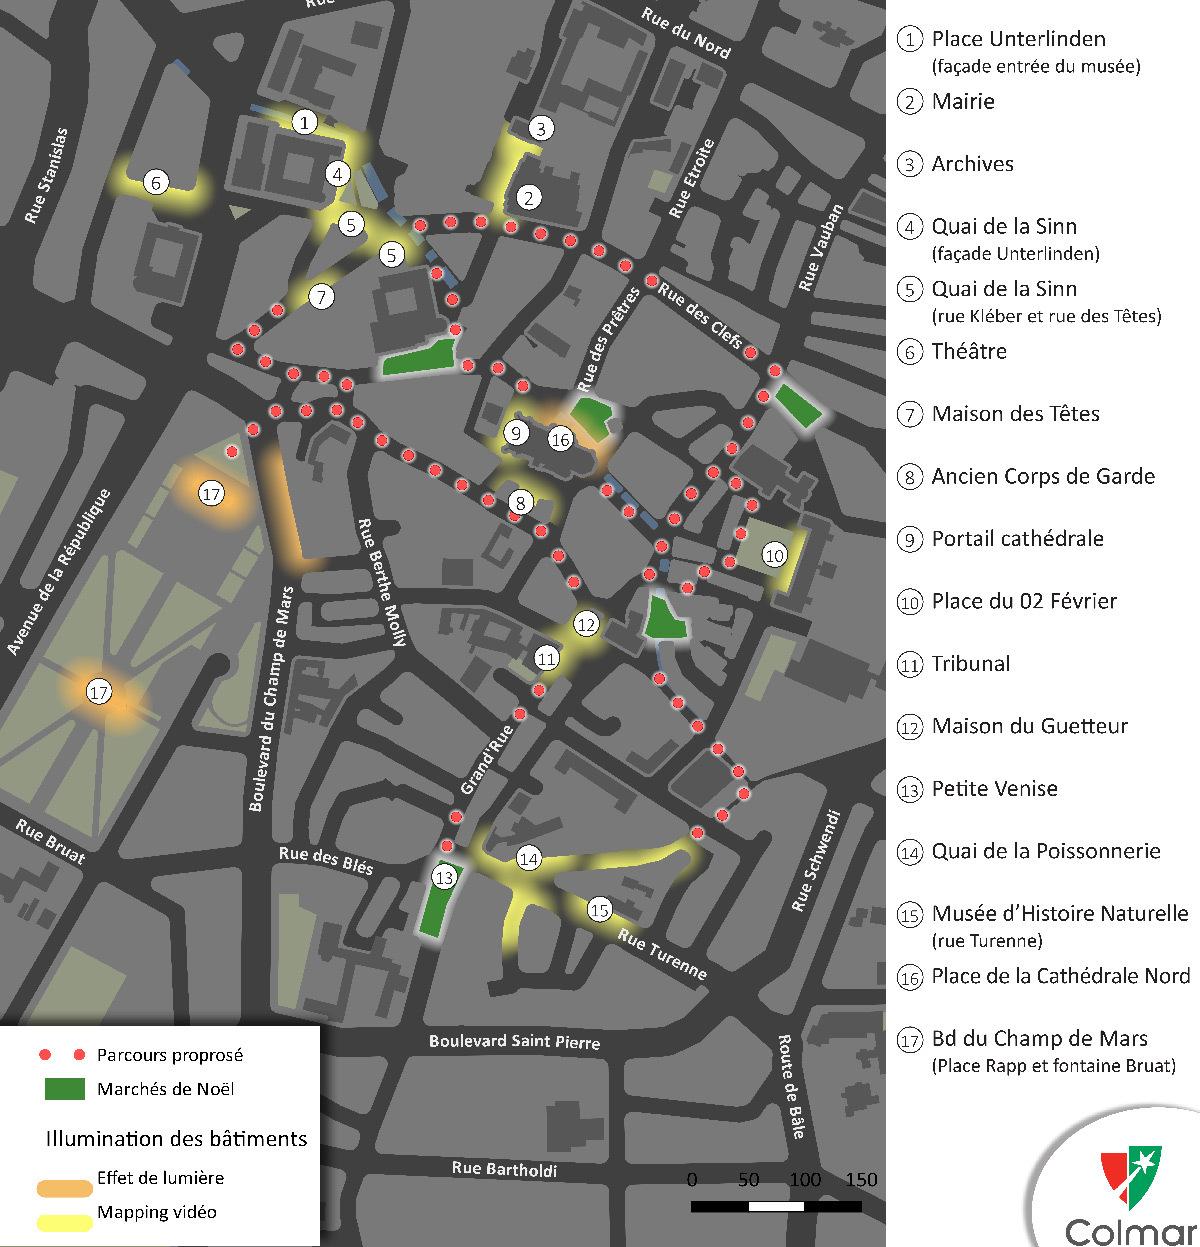 Carte du plan d'animation lumière, Colmar, France - Concepteur lumière : Vialis